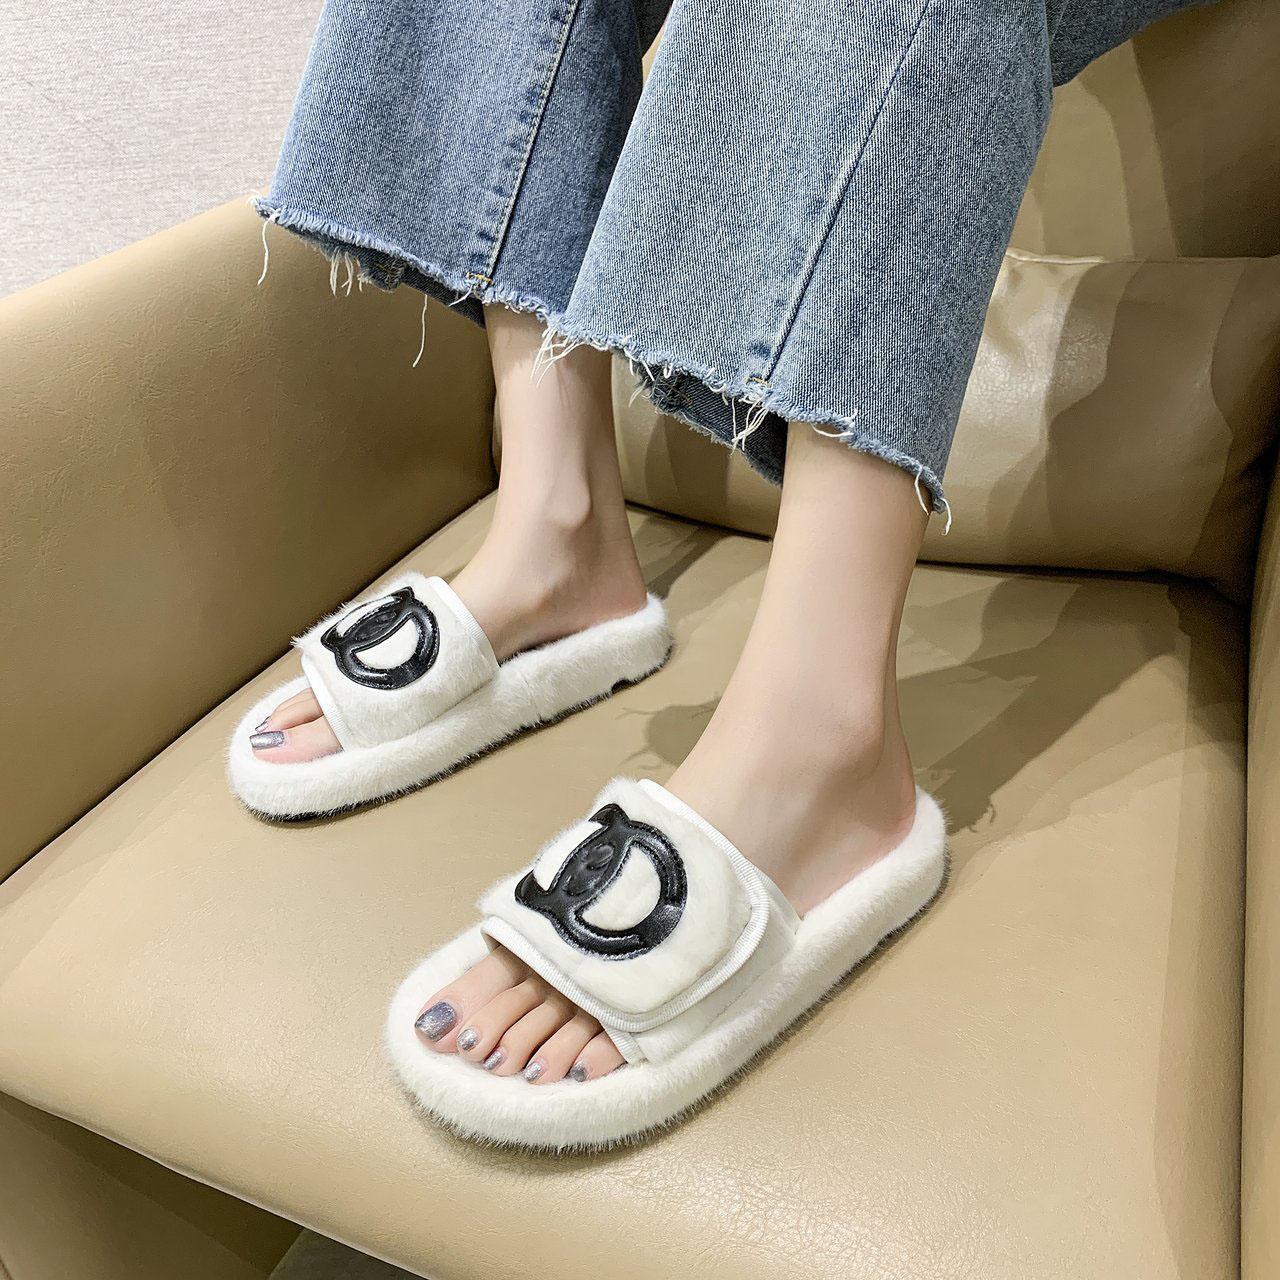 01 pantoufles en laine pantoufles en coton en peluche à l'usure extérieure 2020 automne et coton tête ronde de ménage d'hiver en daim pantoufles chaussures femmes